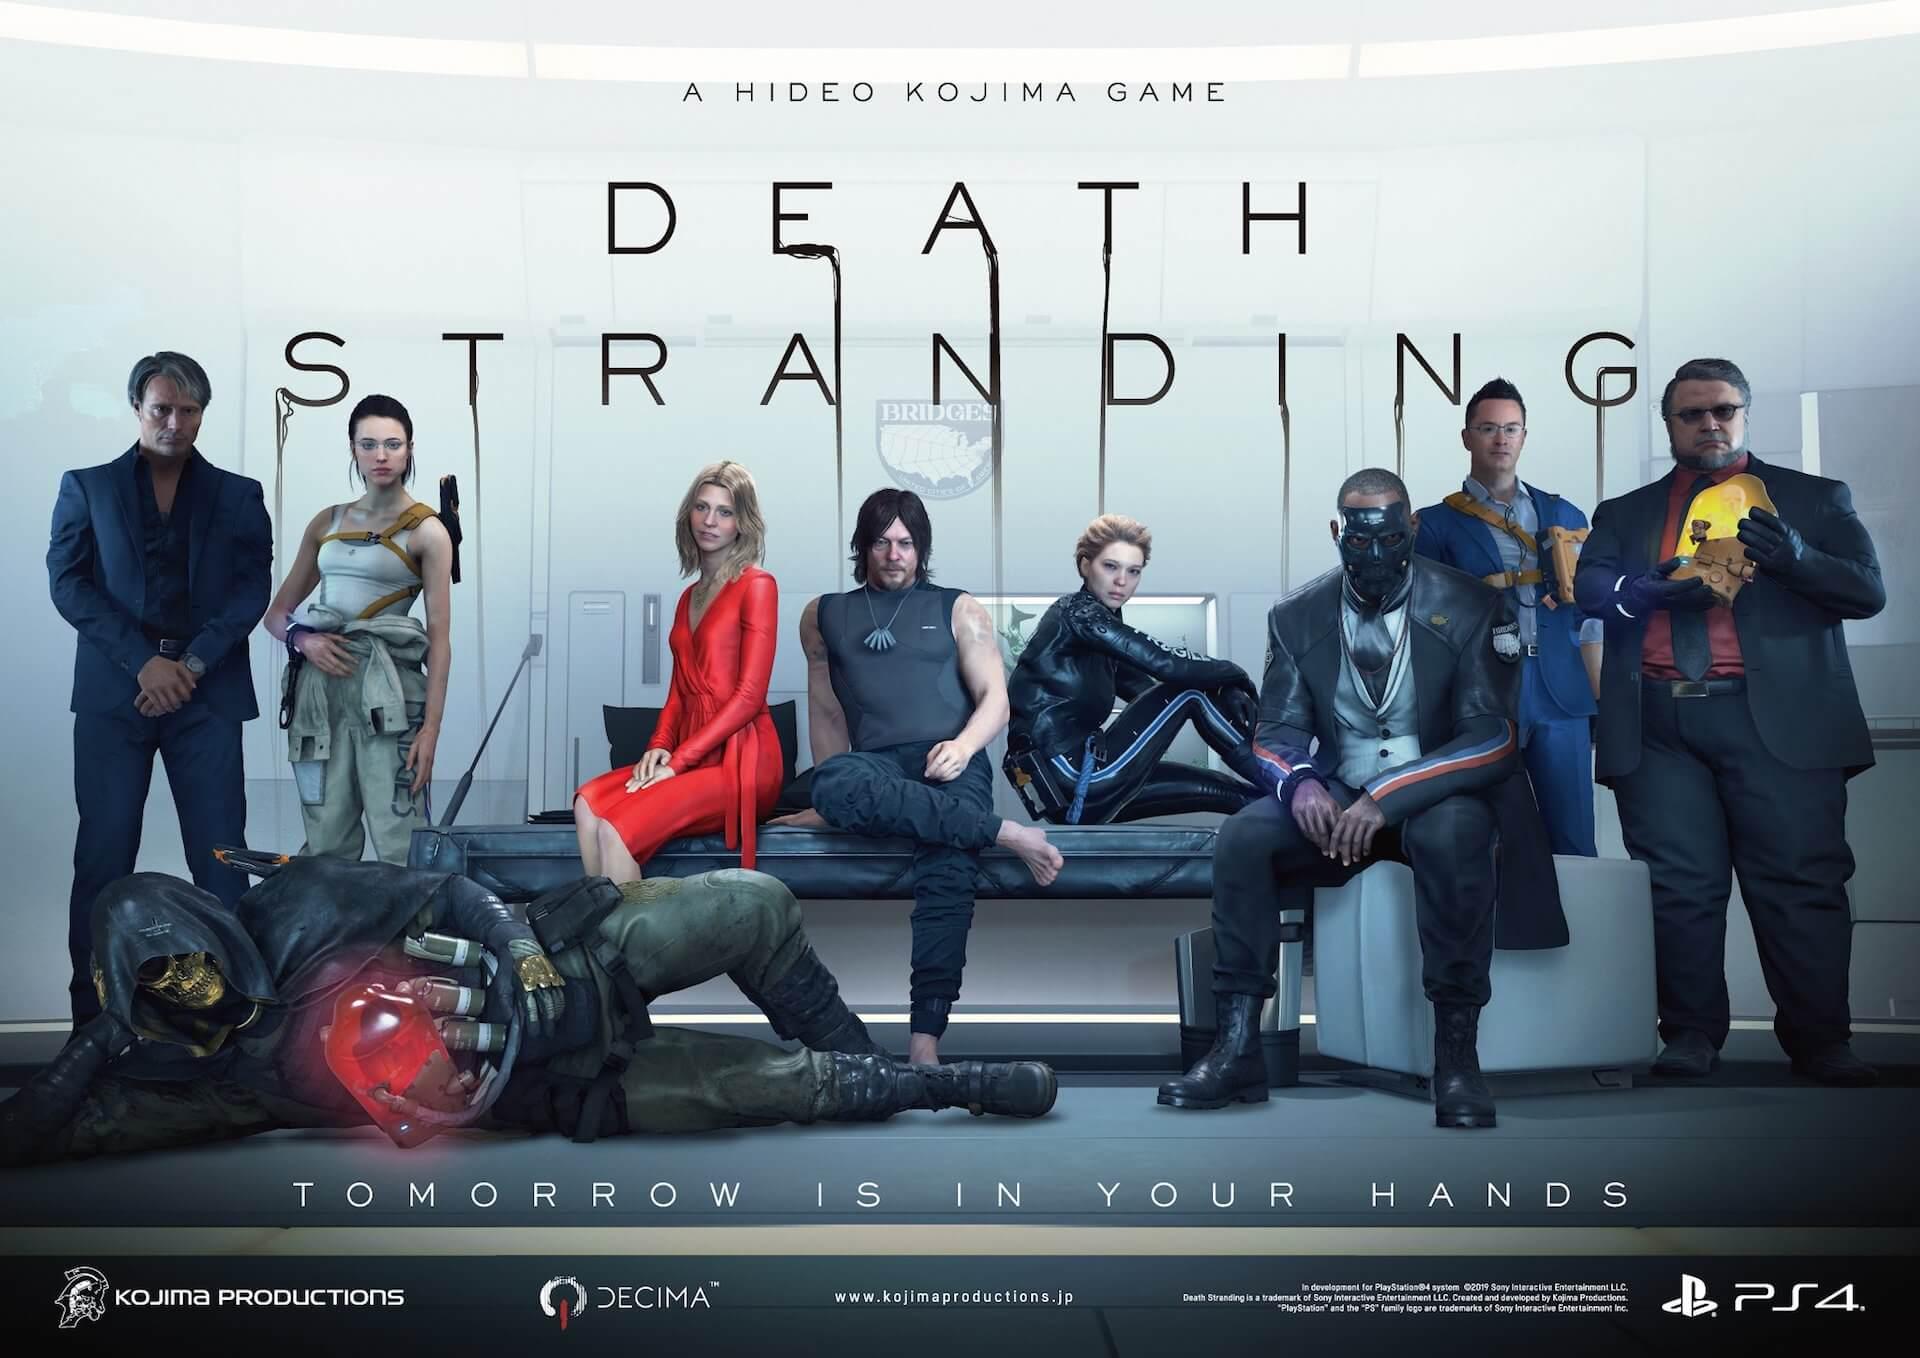 小島秀夫監督ゲーム『DEATH STRANDING』が<The Game Awards>で3冠達成!ゲーム・オブ・ザ・イヤーは日本のフロム・ソフトウェアによる『SEKIRO:SHADOWS DIE TWICE』が受賞 tech191213_thegameawards_main